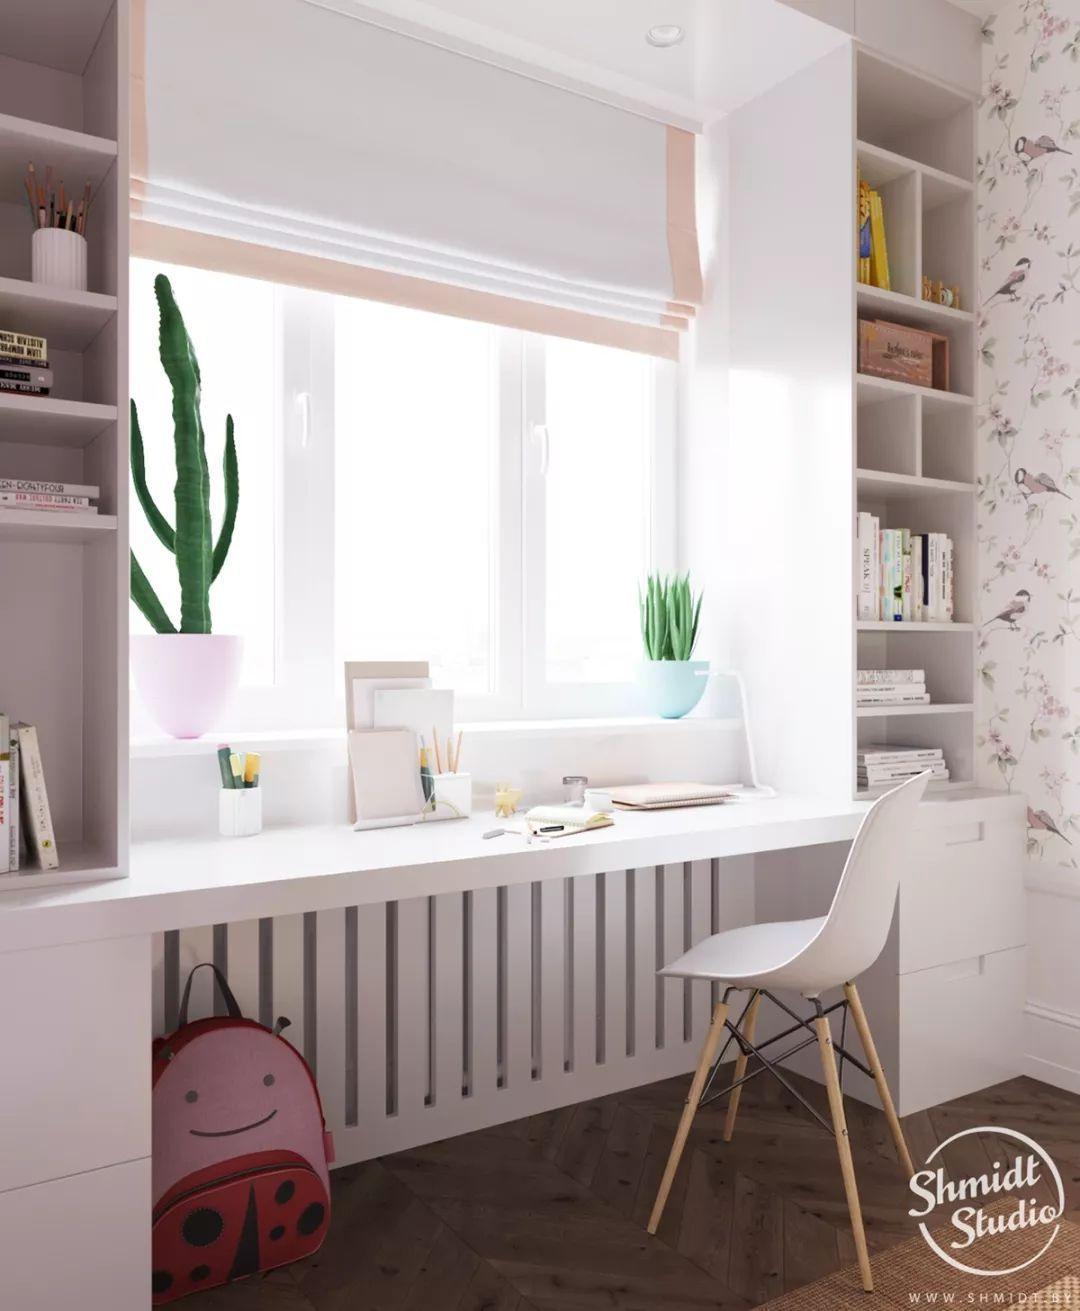 女宝宝的居住空间 大部分的设计,其实与另一间儿童房 嵌入式的壁橱图片